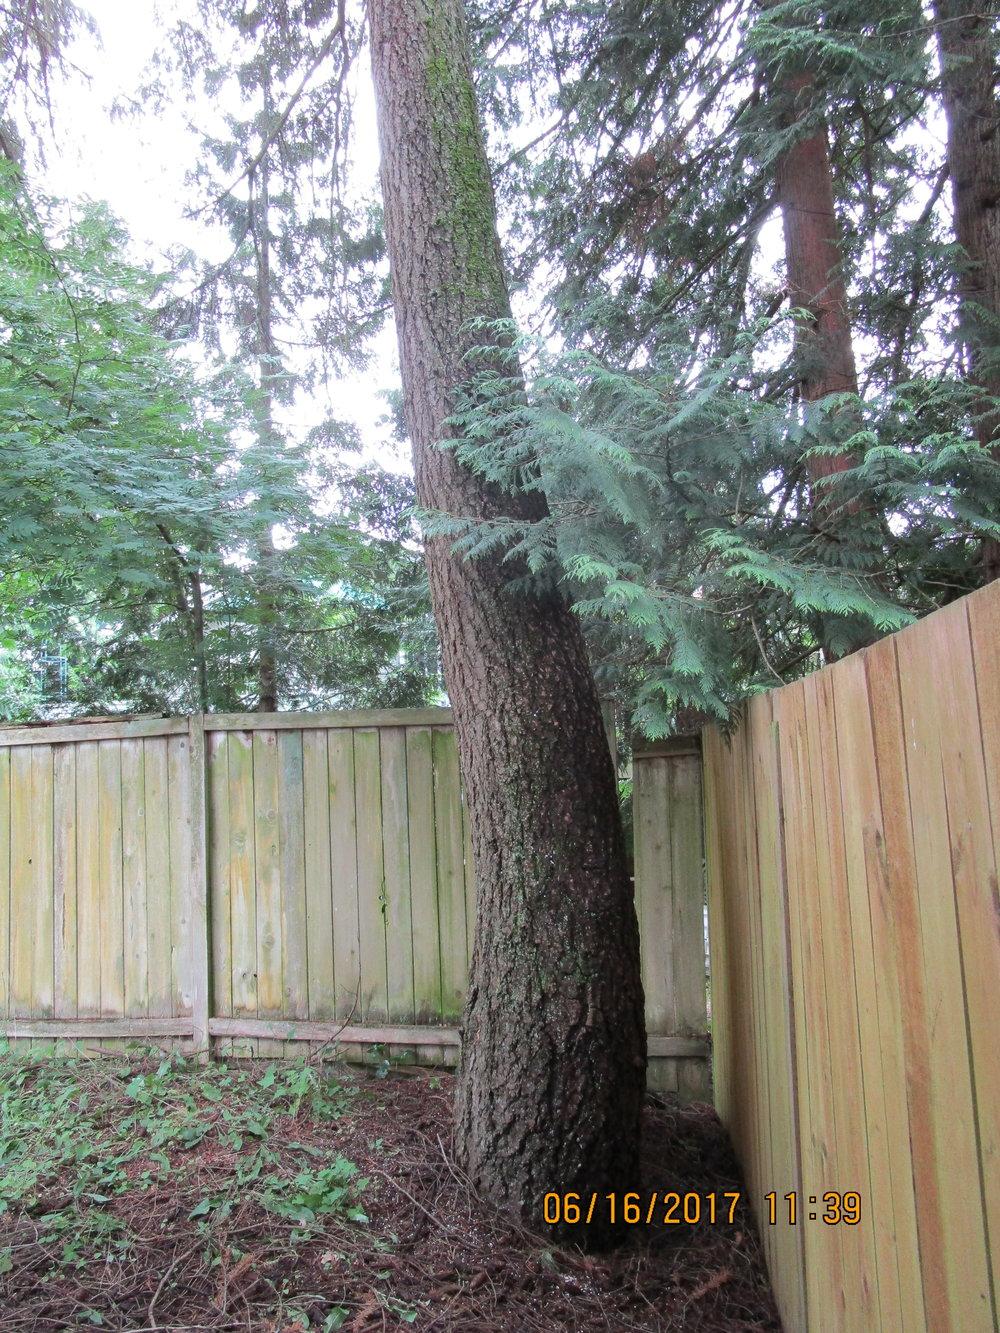 SUYU WANG BELLEVUE 6-16-17 TREE (6).JPG